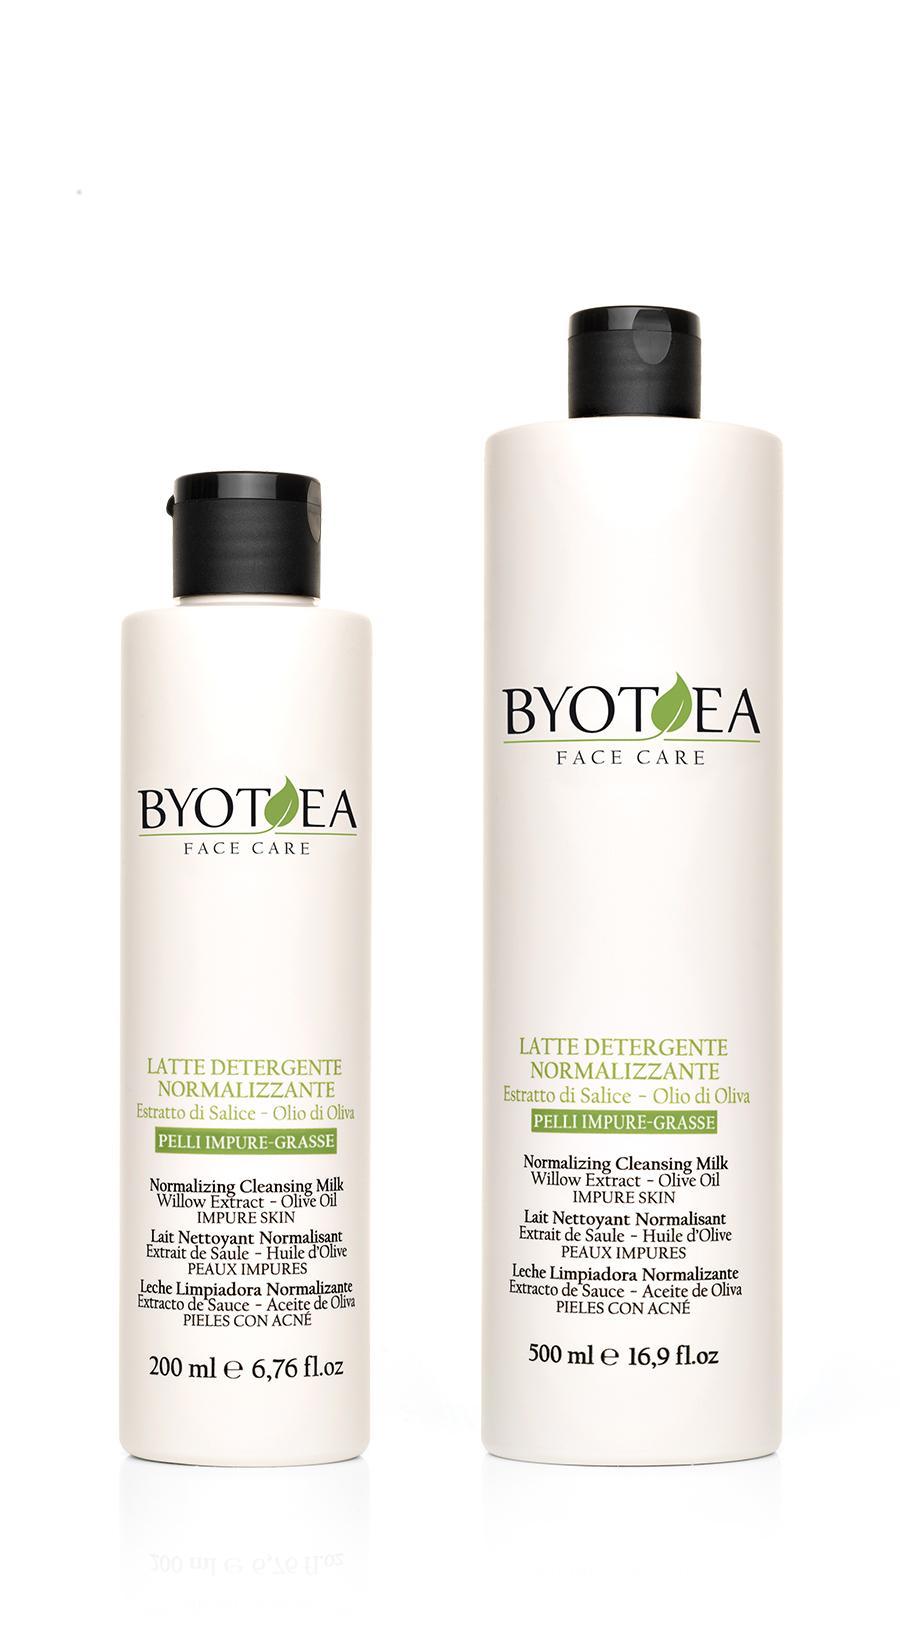 Byothea viso latte detergente normalizzante for Arredamento parrucchieri outlet